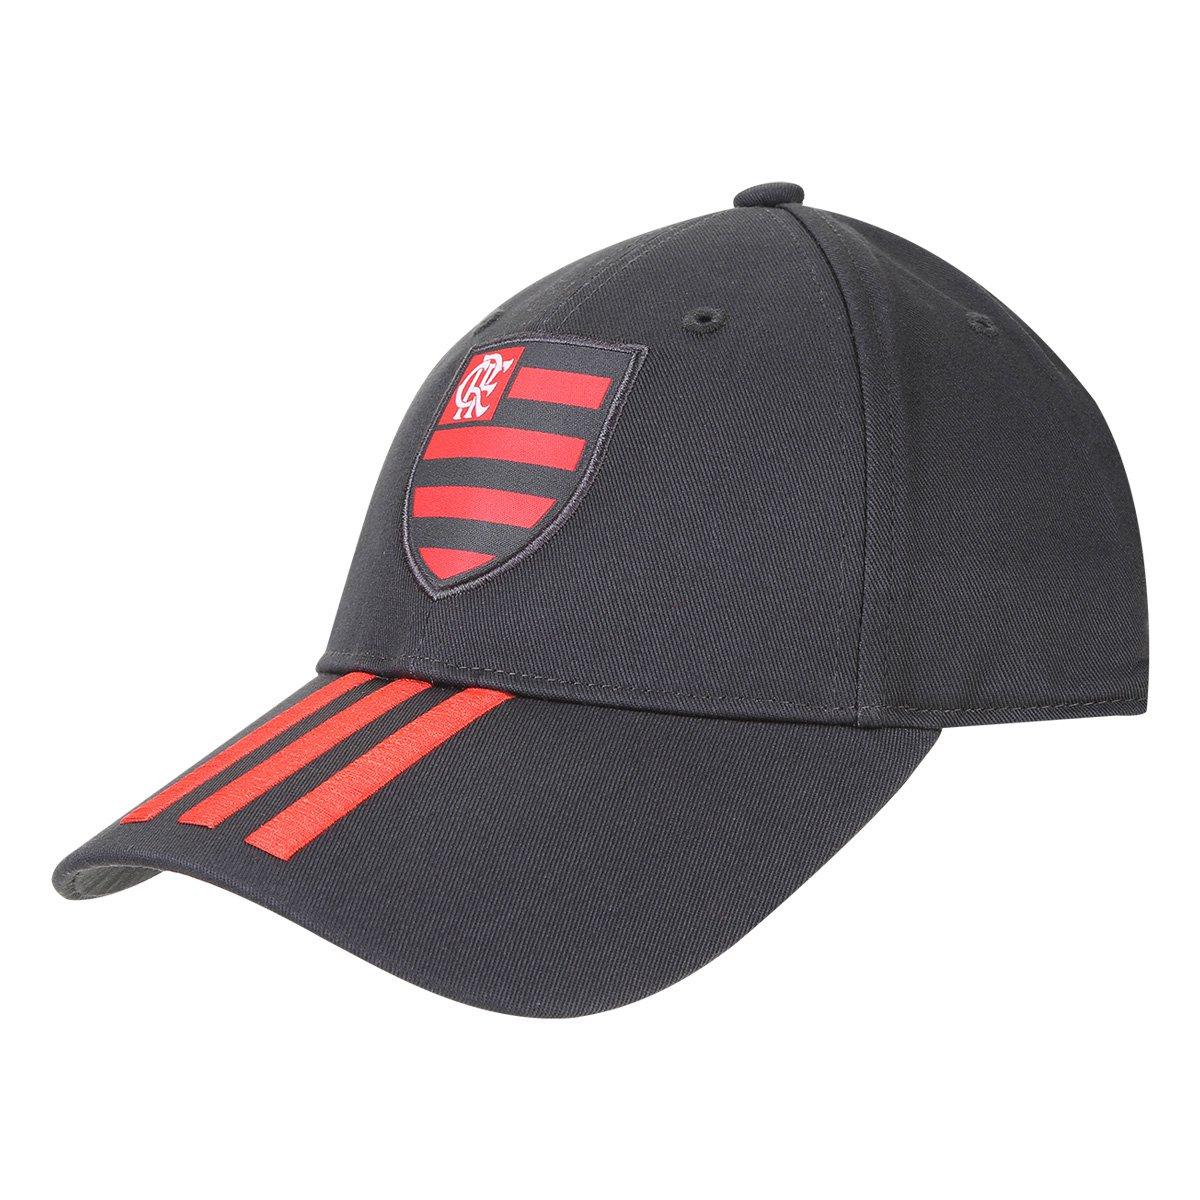 579261629acfa Boné Adidas Flamengo 3Stripes Aba Curva | Livelo -Sua Vida com Mais ...